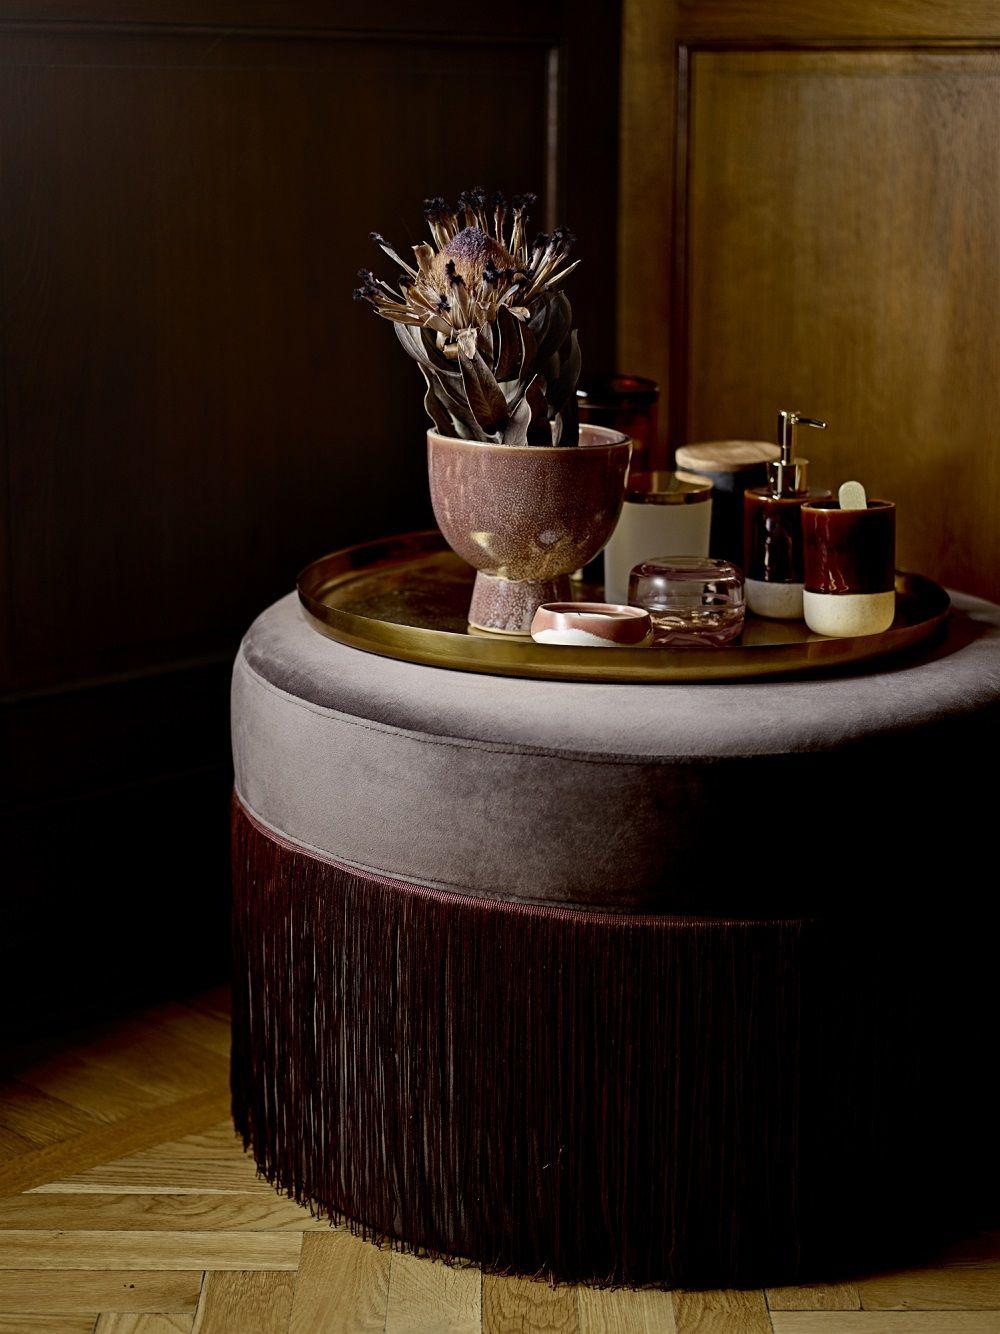 Dieser Elegante Samtpouf In Dunklem Bordeaux Liegt Voll Im Trend. Das  Goldene Deko Tablett